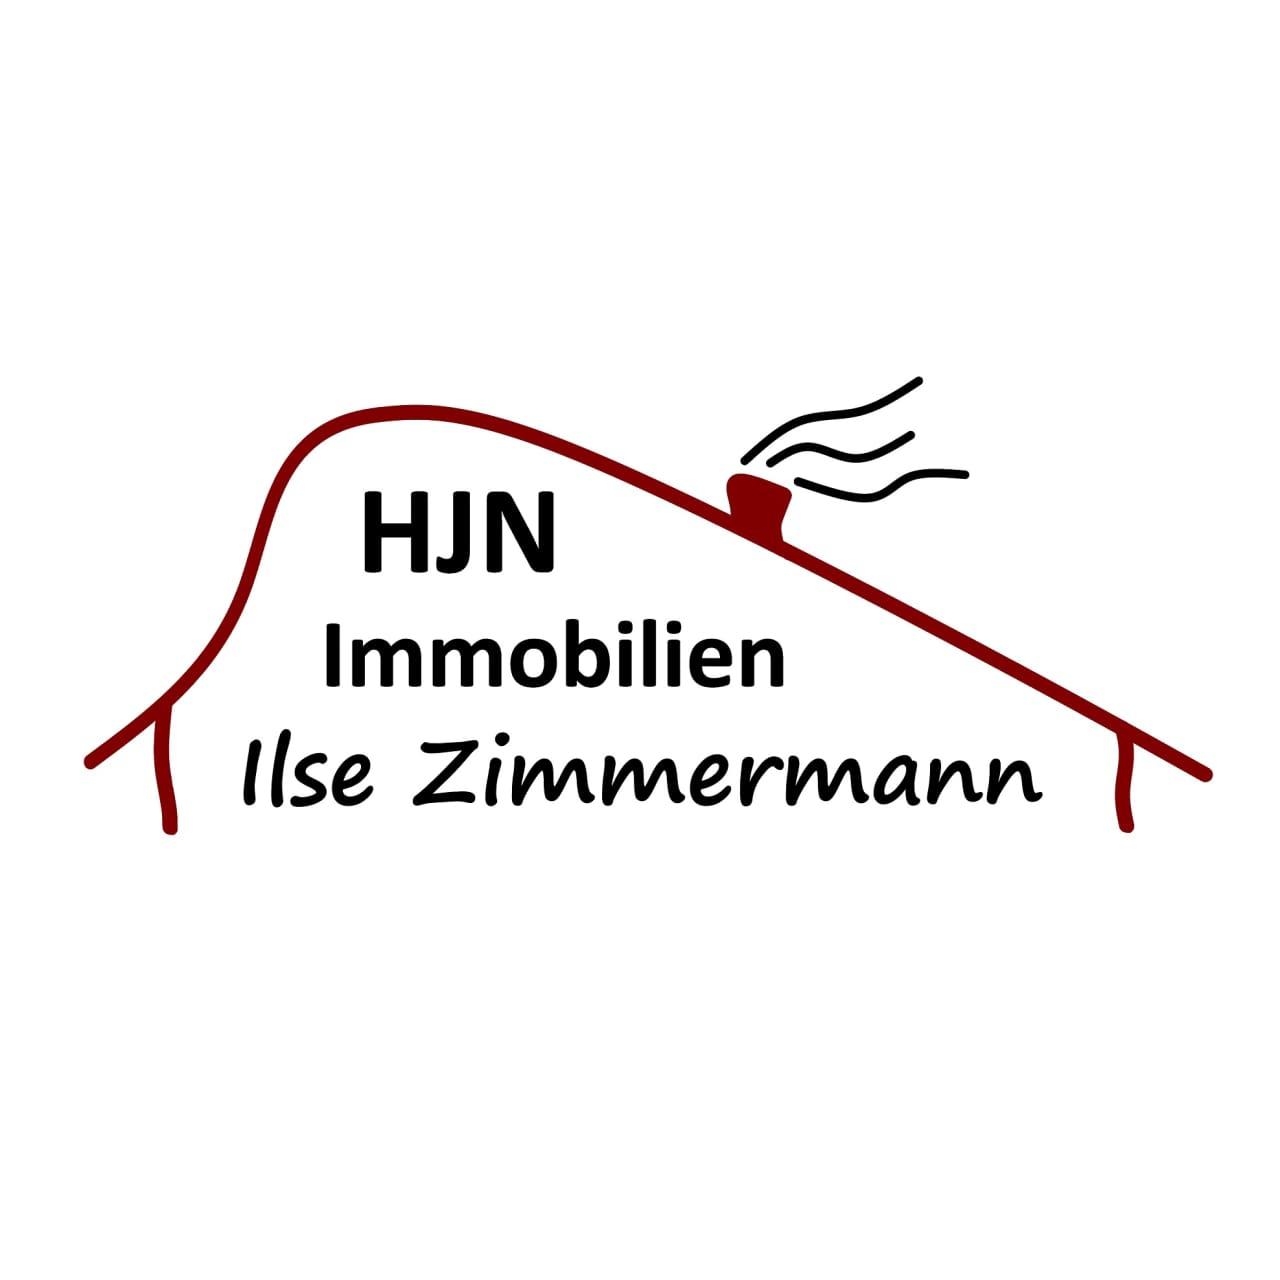 Hier sehen Sie das Logo von  HJN-Immobilien Ilse Zimmermann